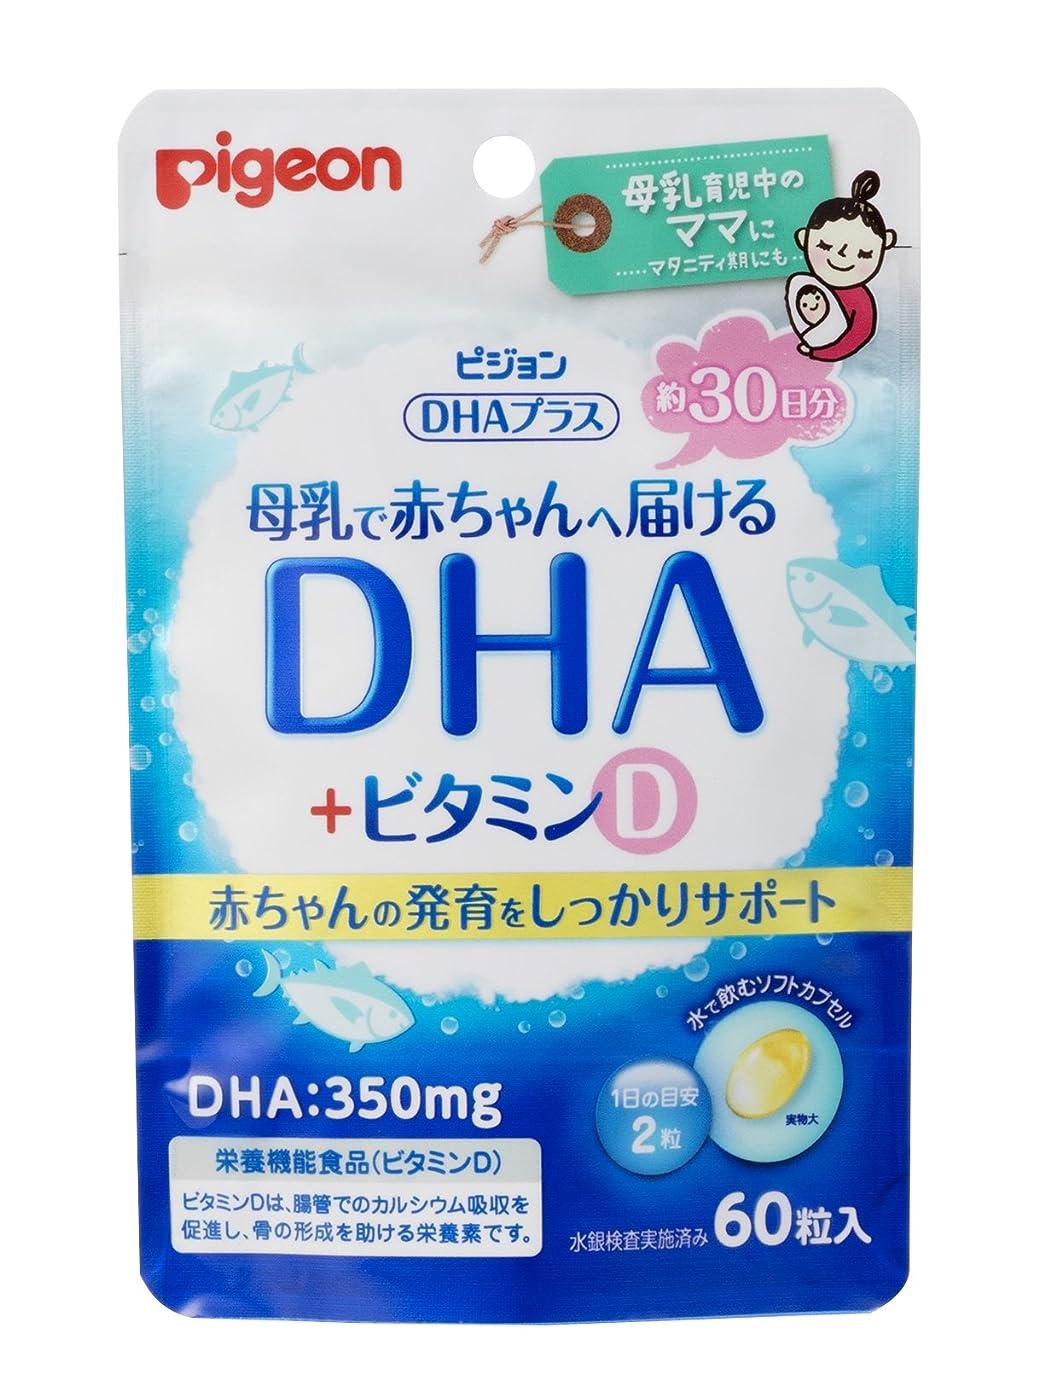 大脳鈍い再編成するピジョン(Pigeon) DHAプラス (DHA + ビタミンD) 【母乳で赤ちゃんへ届ける(マタニティサプリメント ソフトカプセル)】 60粒入